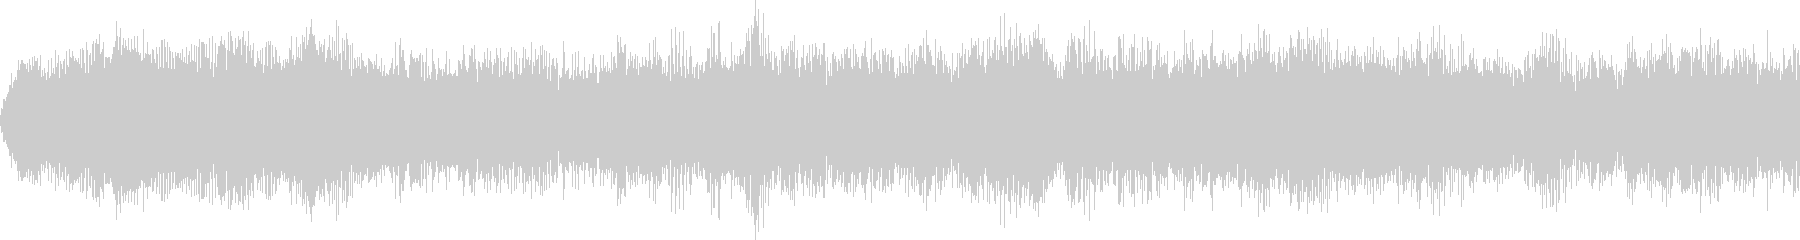 クラシカルな雰囲気のジングル(ループ)の未再生の波形